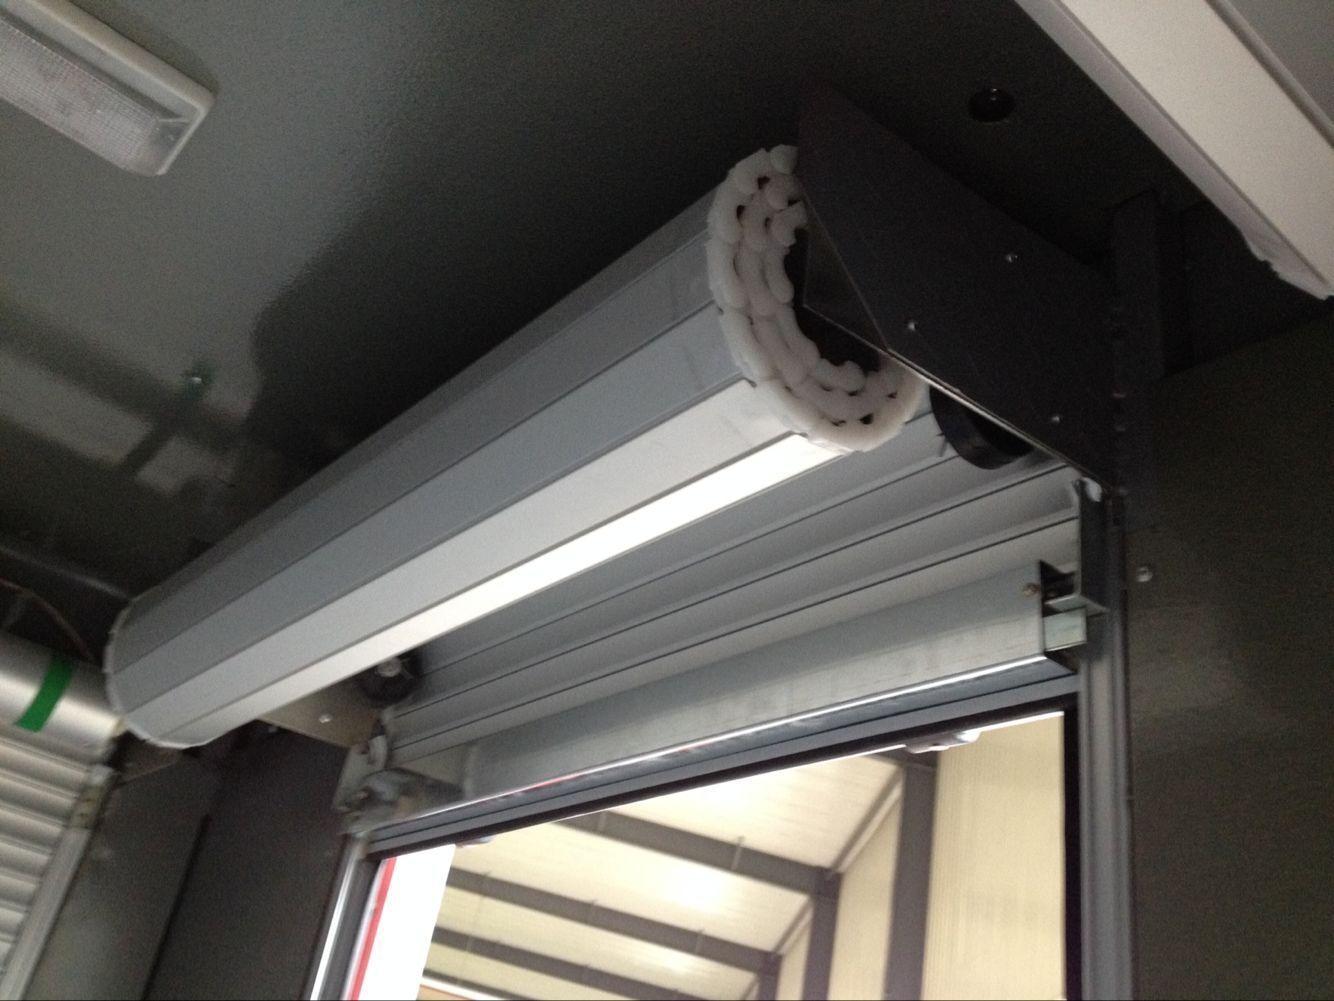 Spring Aluminum Garage Roller Shutter Doors Window Shutter 4